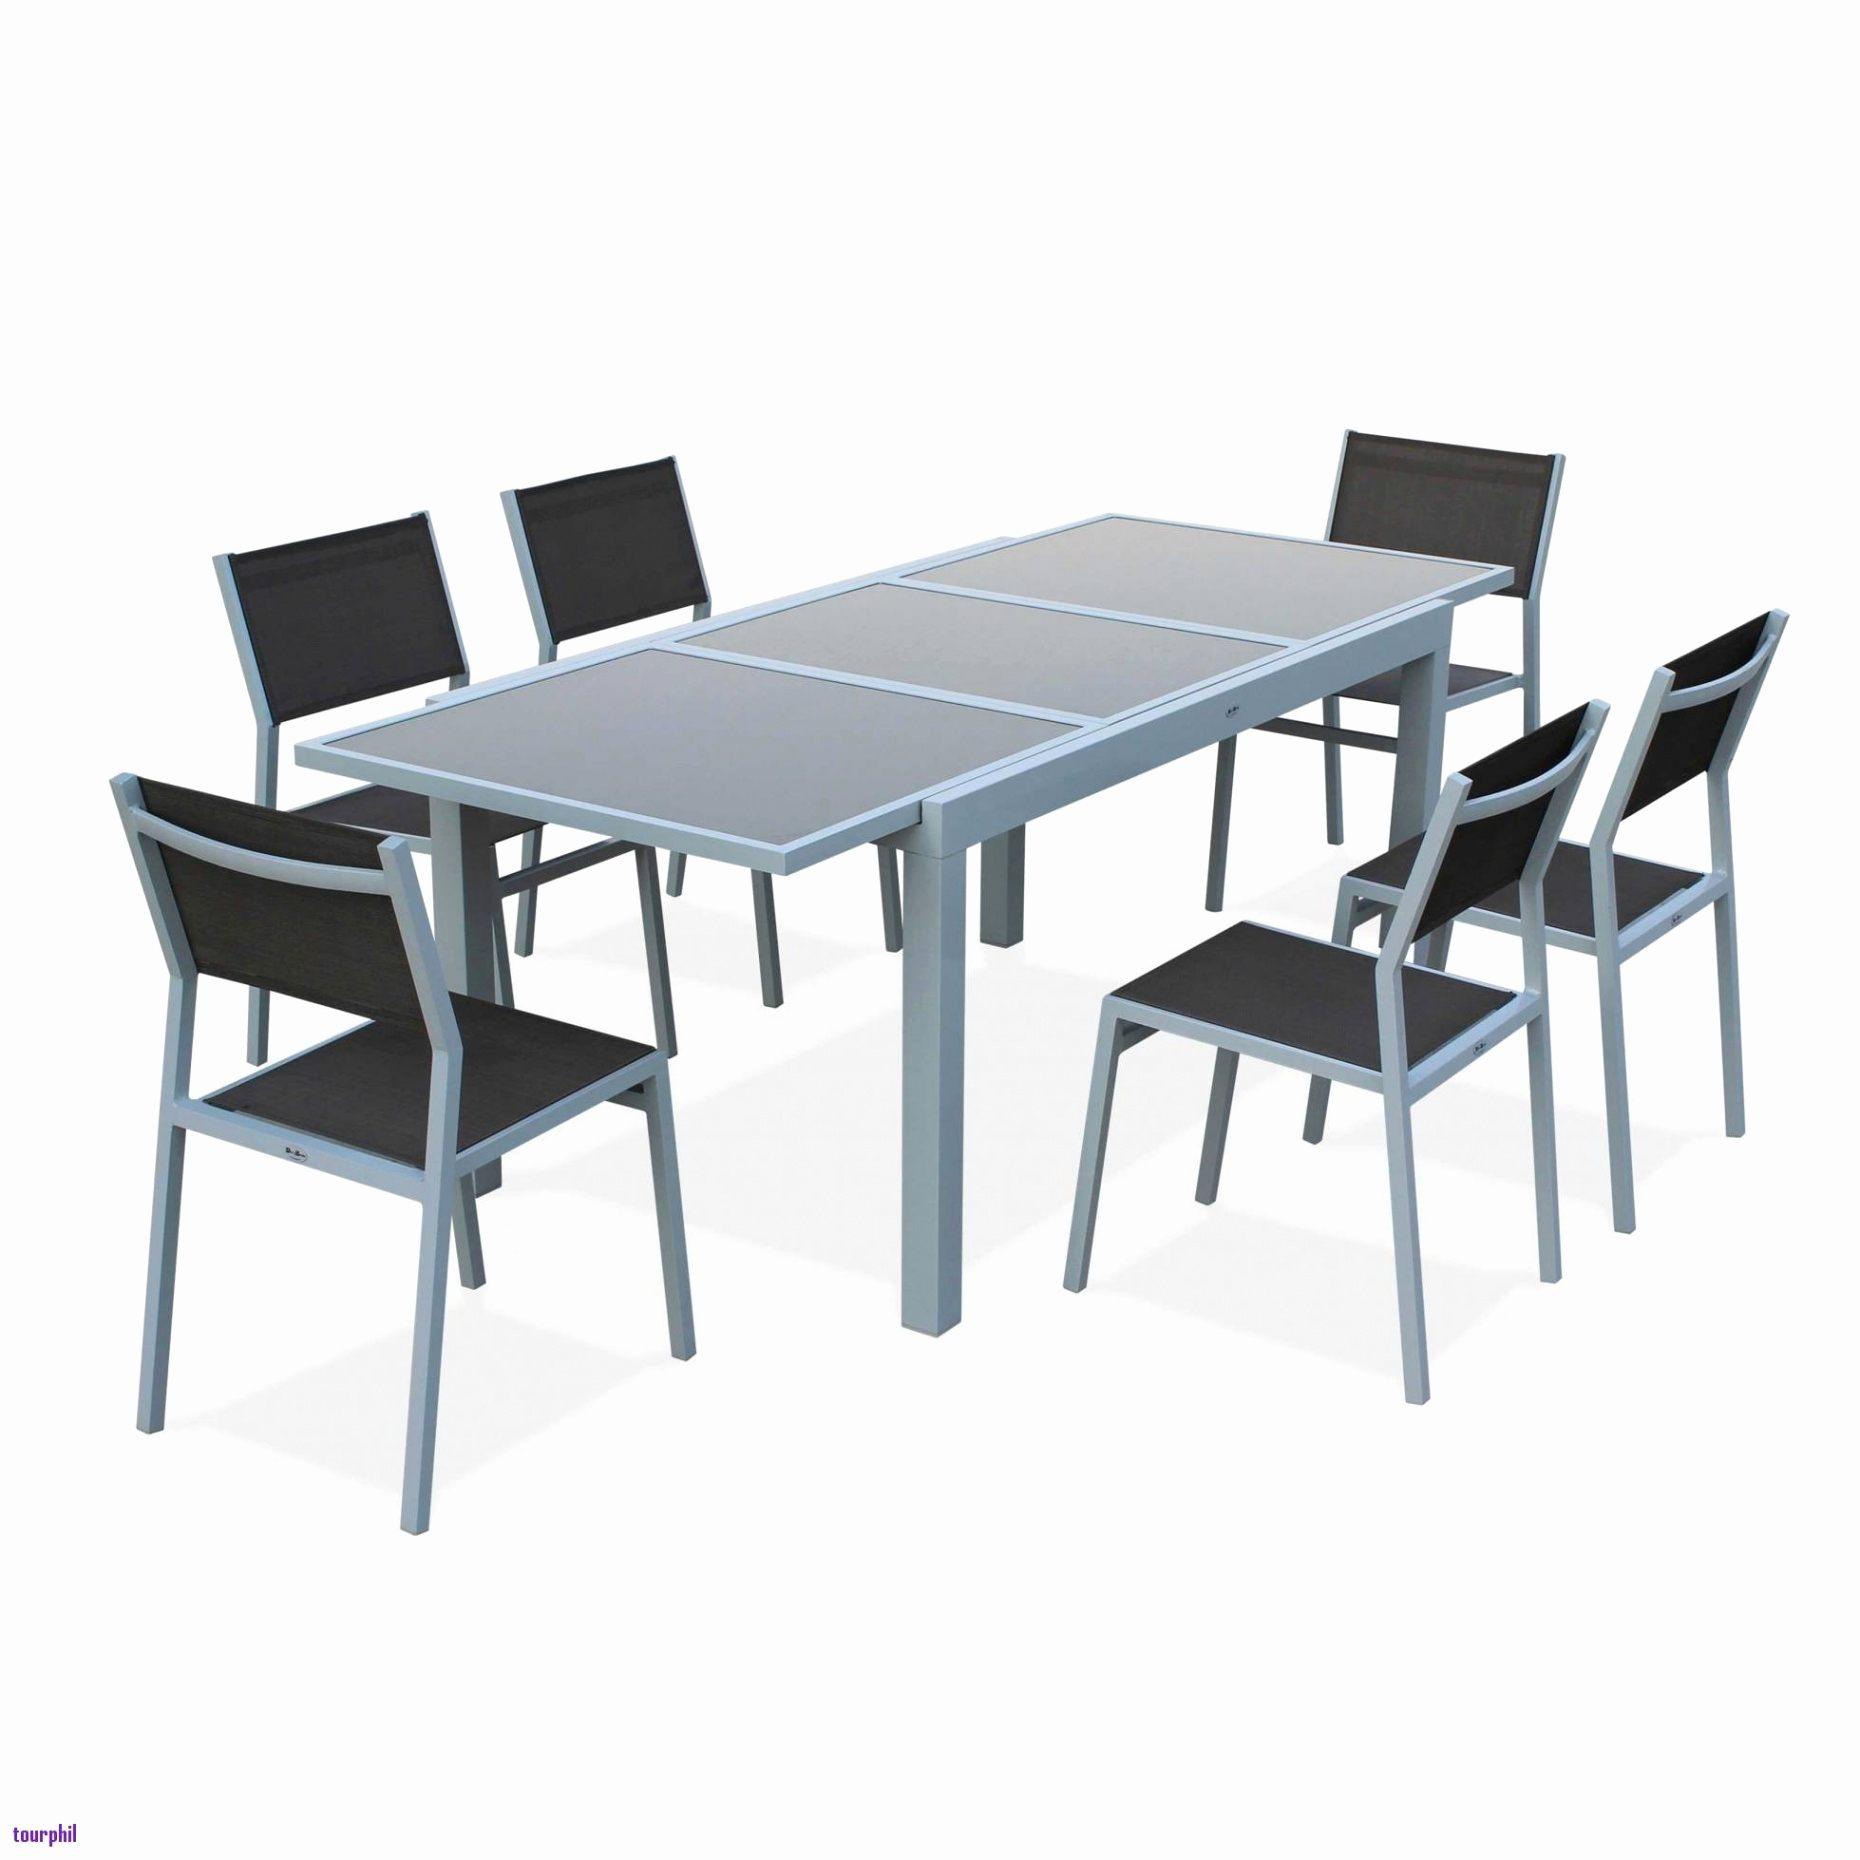 Lit Pliant Bois Inspirant Table Escamotable Ikea Frais Table Pliable Ikea New Lit En Bois